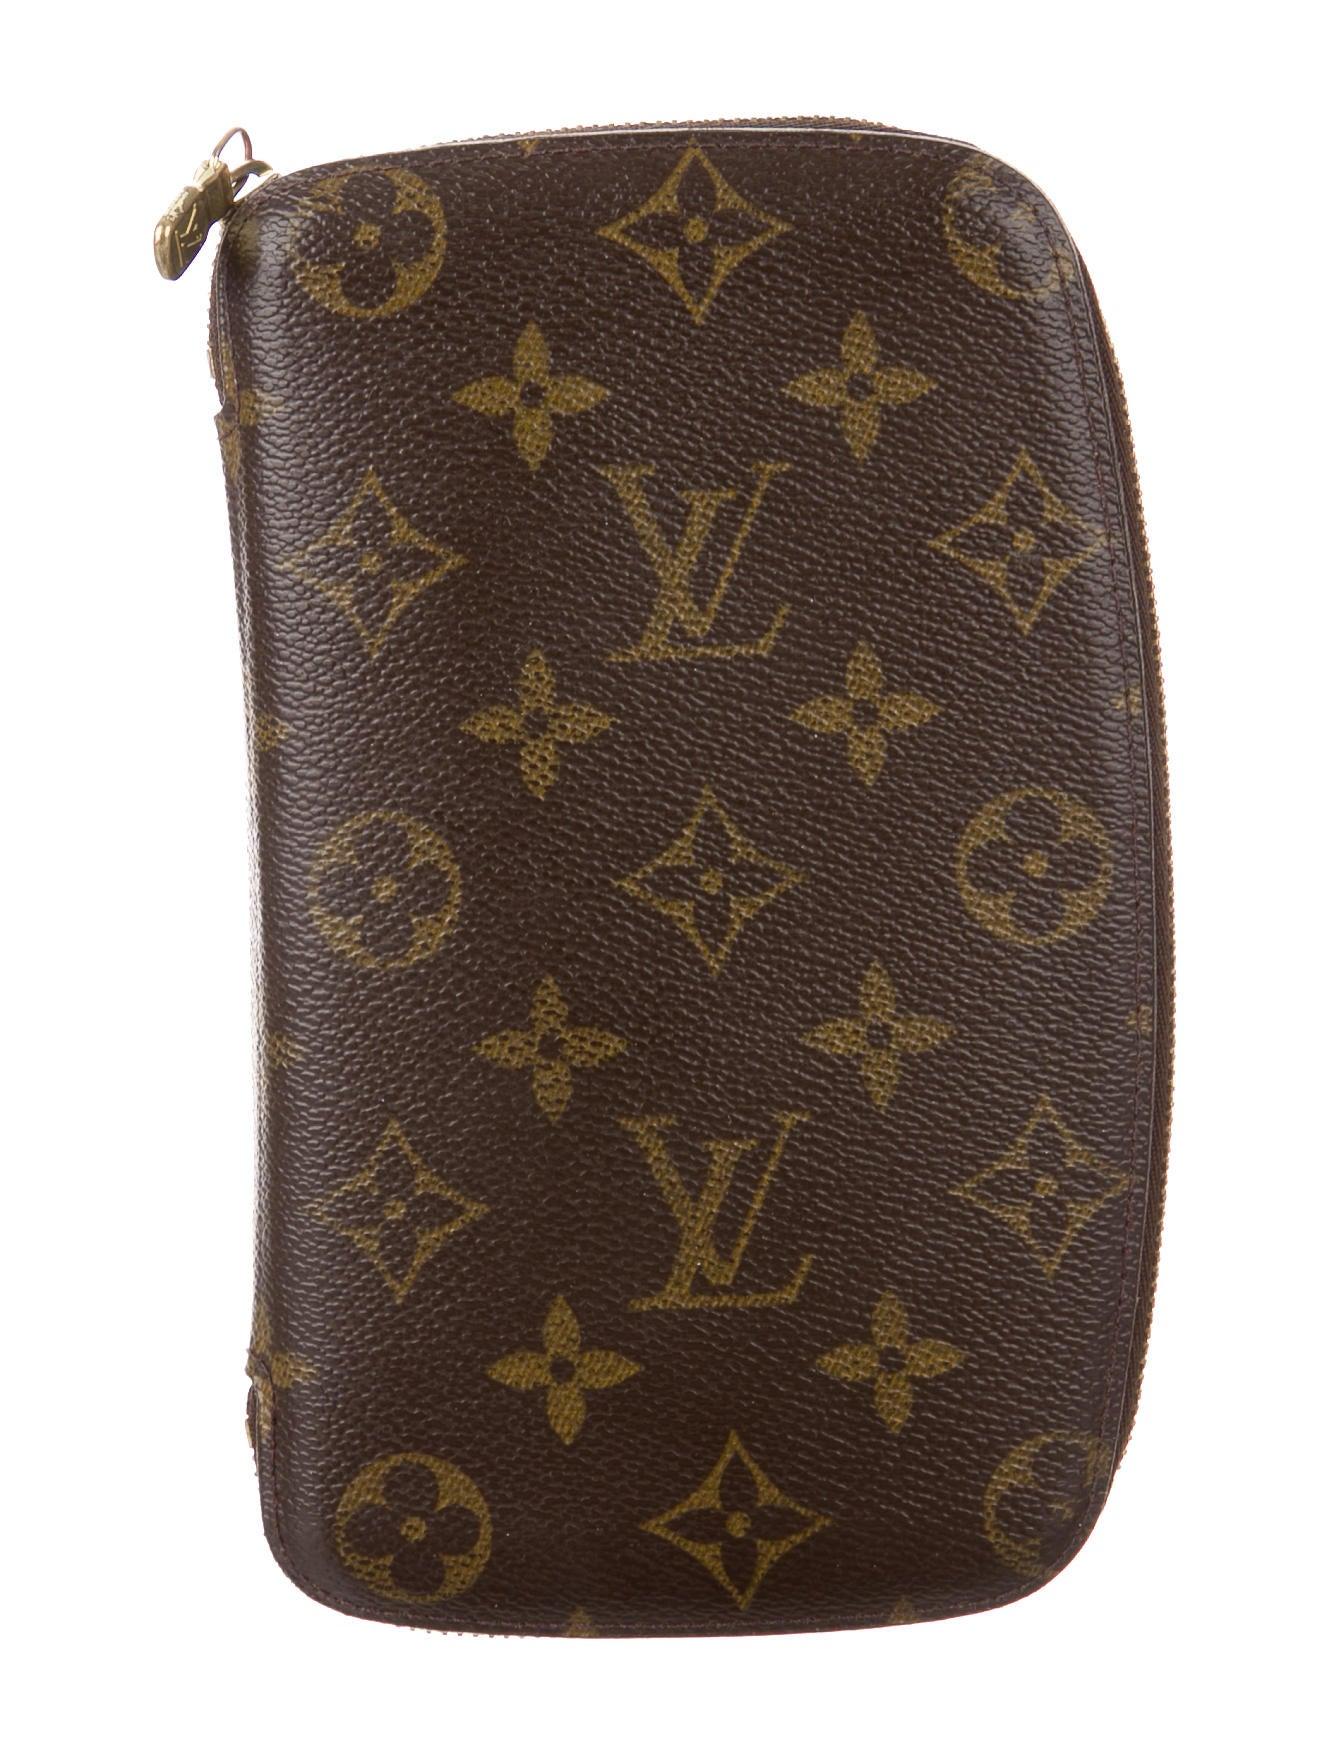 7bd613d2eb9f Louis Vuitton Monogram Zippy Geode Organizer - Accessories ...